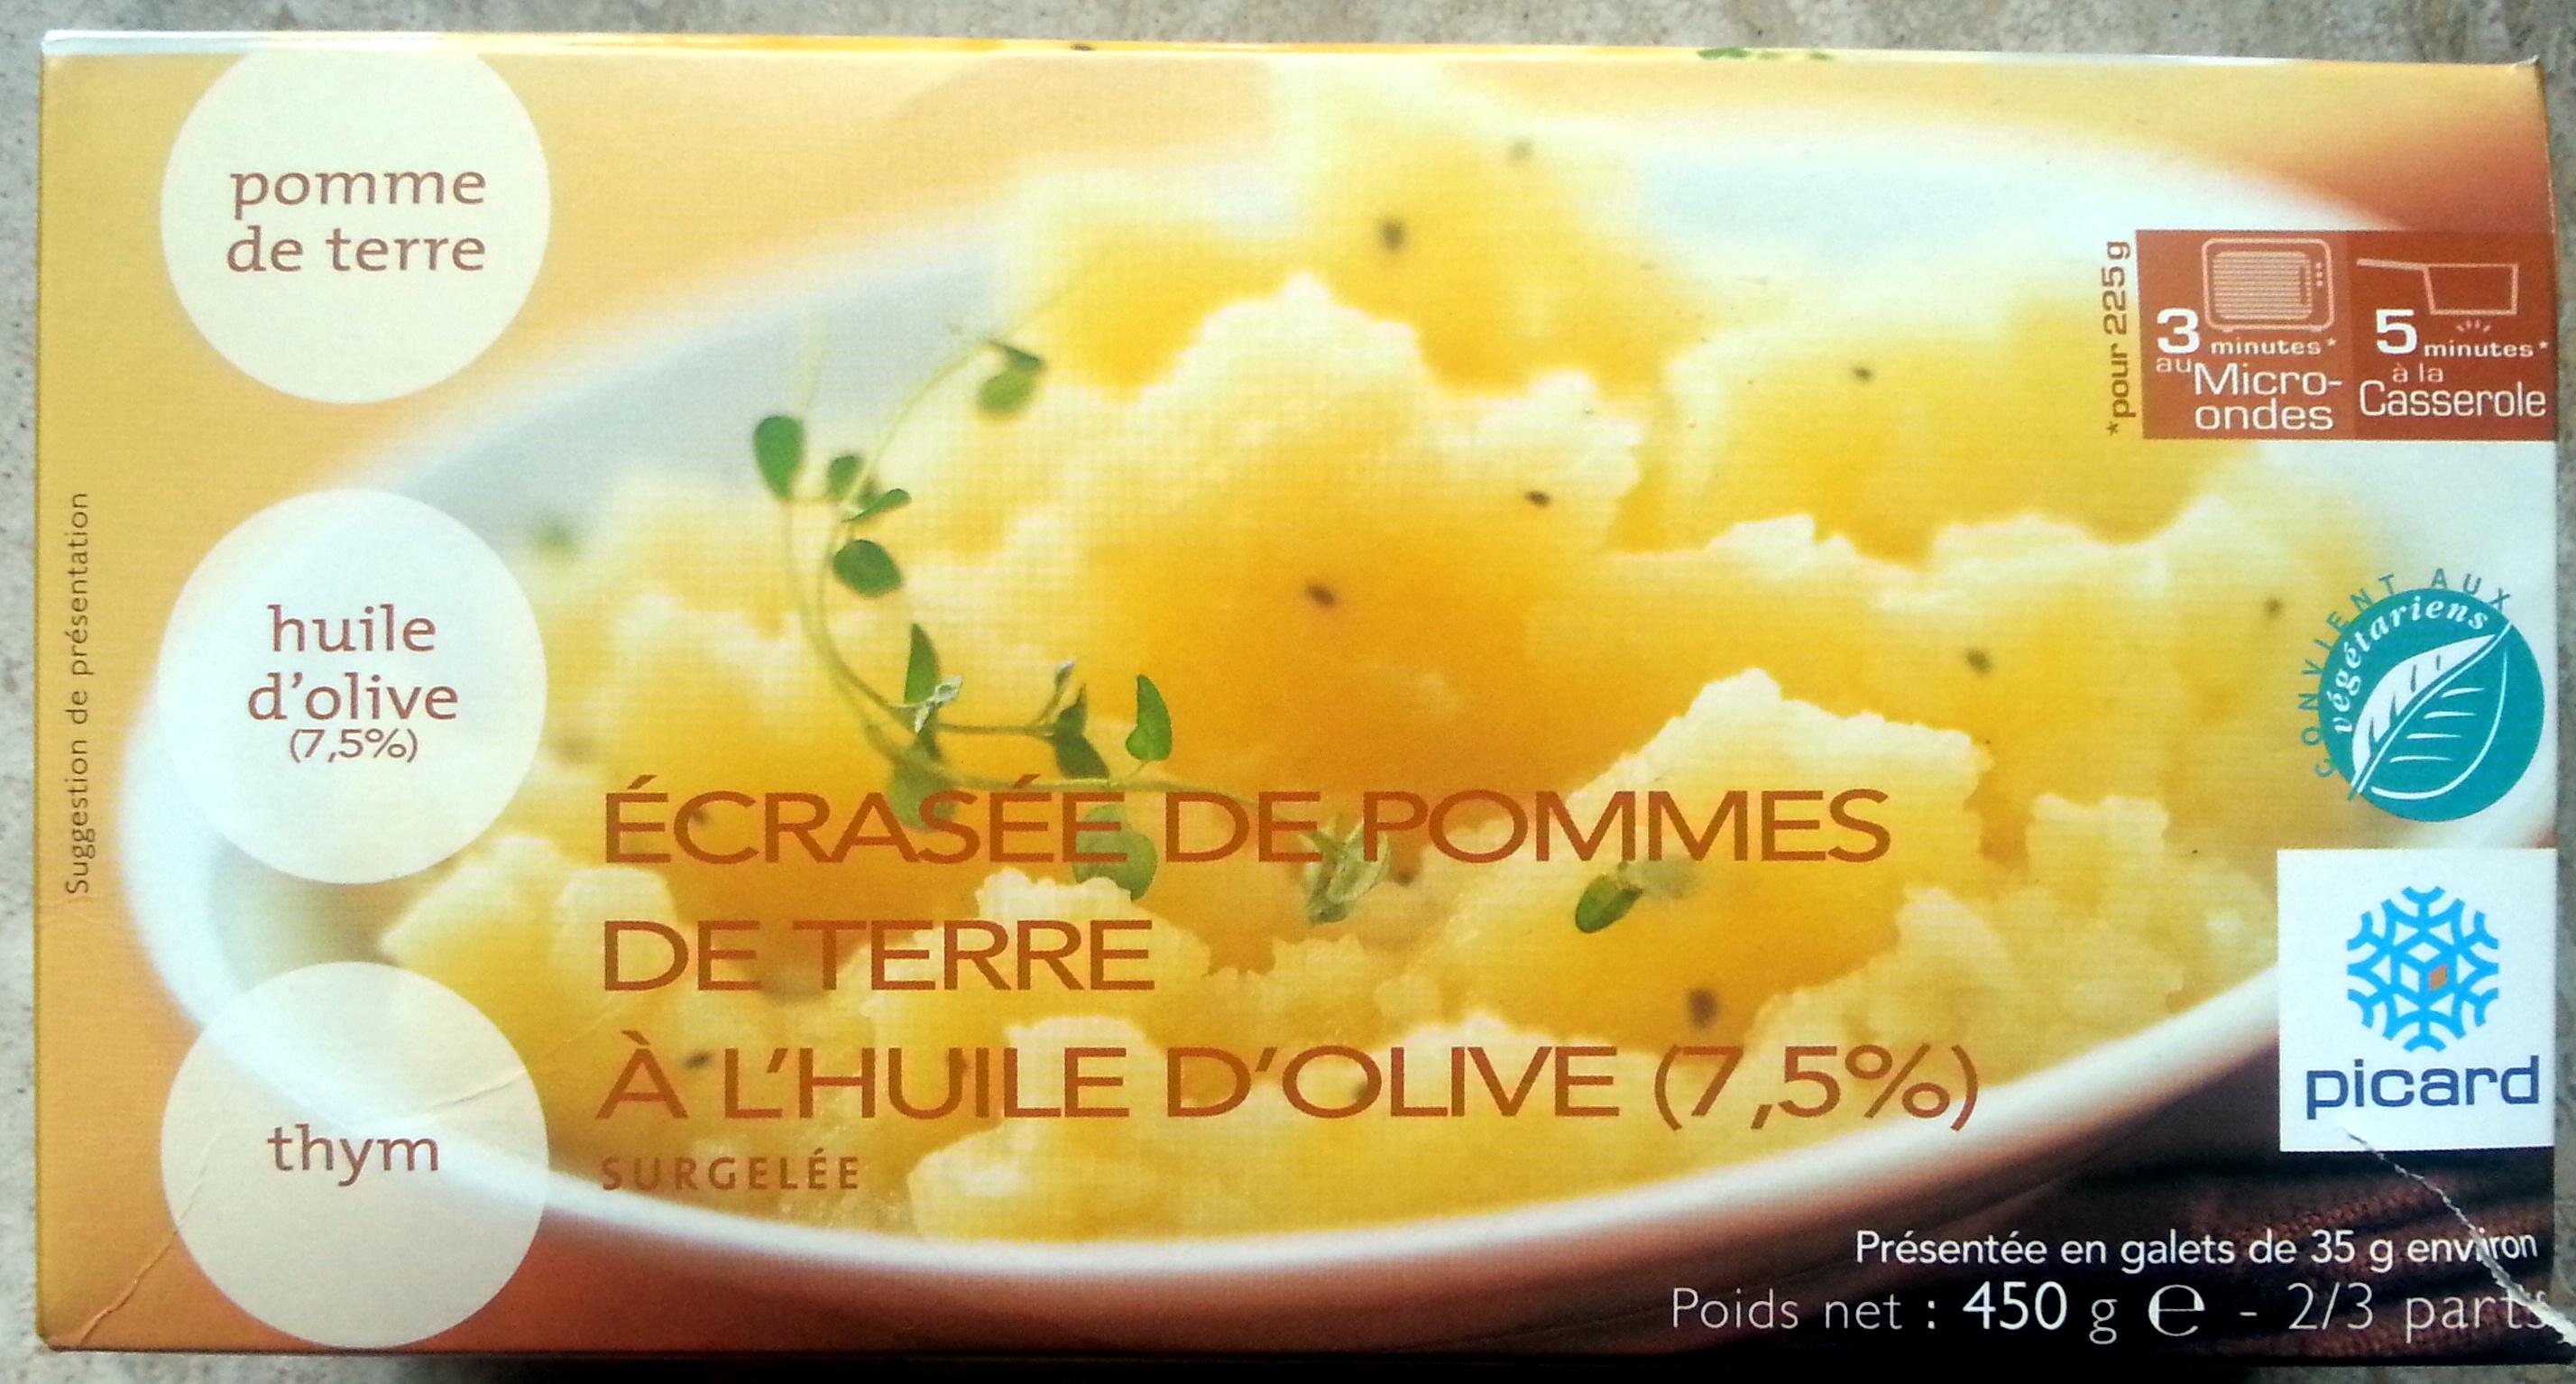 écrasée de pommes de terre à l'huile d'olive (7.5%) - Product